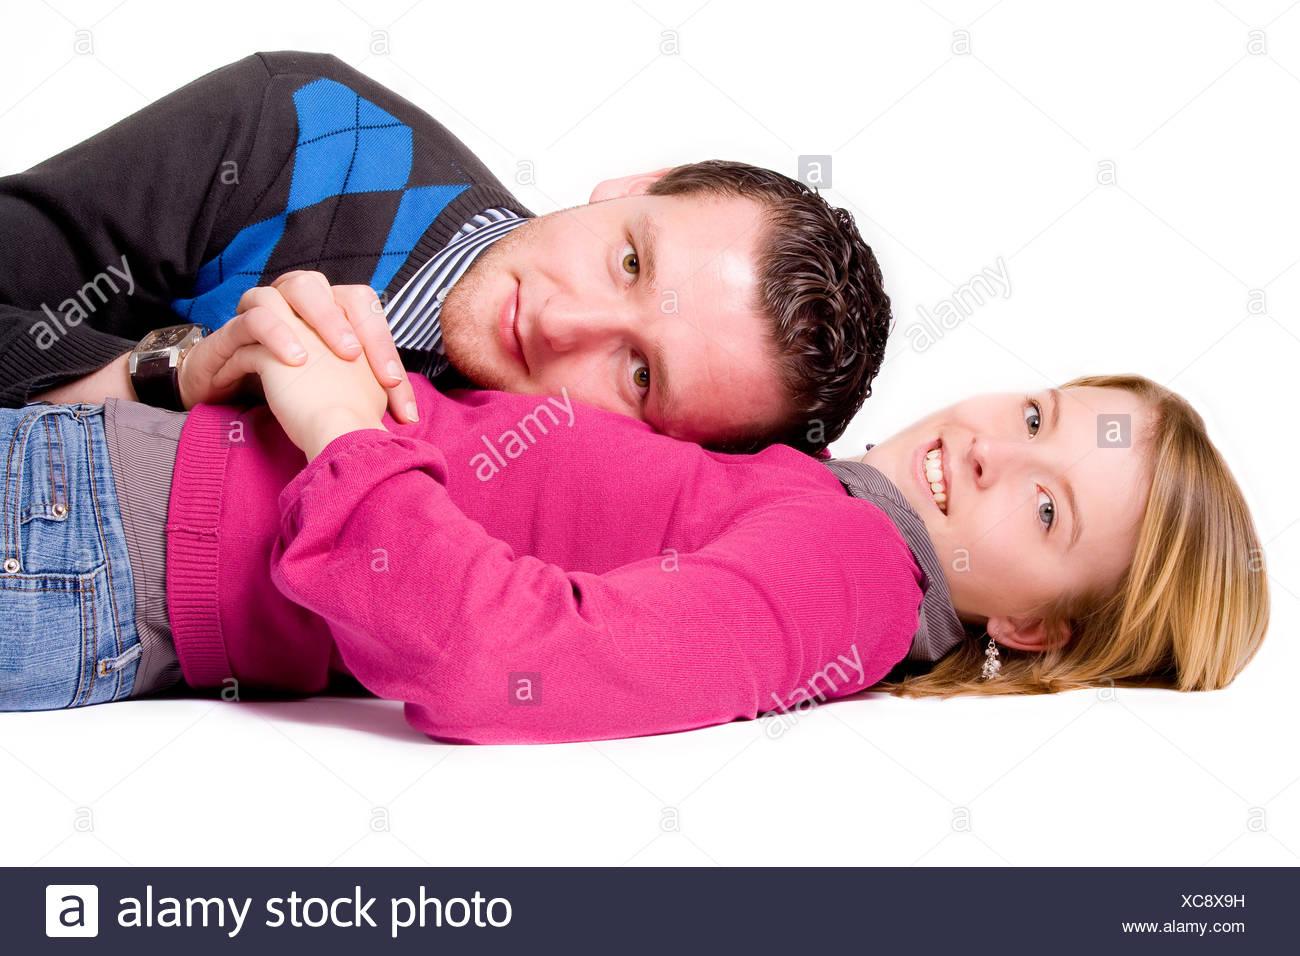 Legen Sie hin - Mädchen unter Stockbild